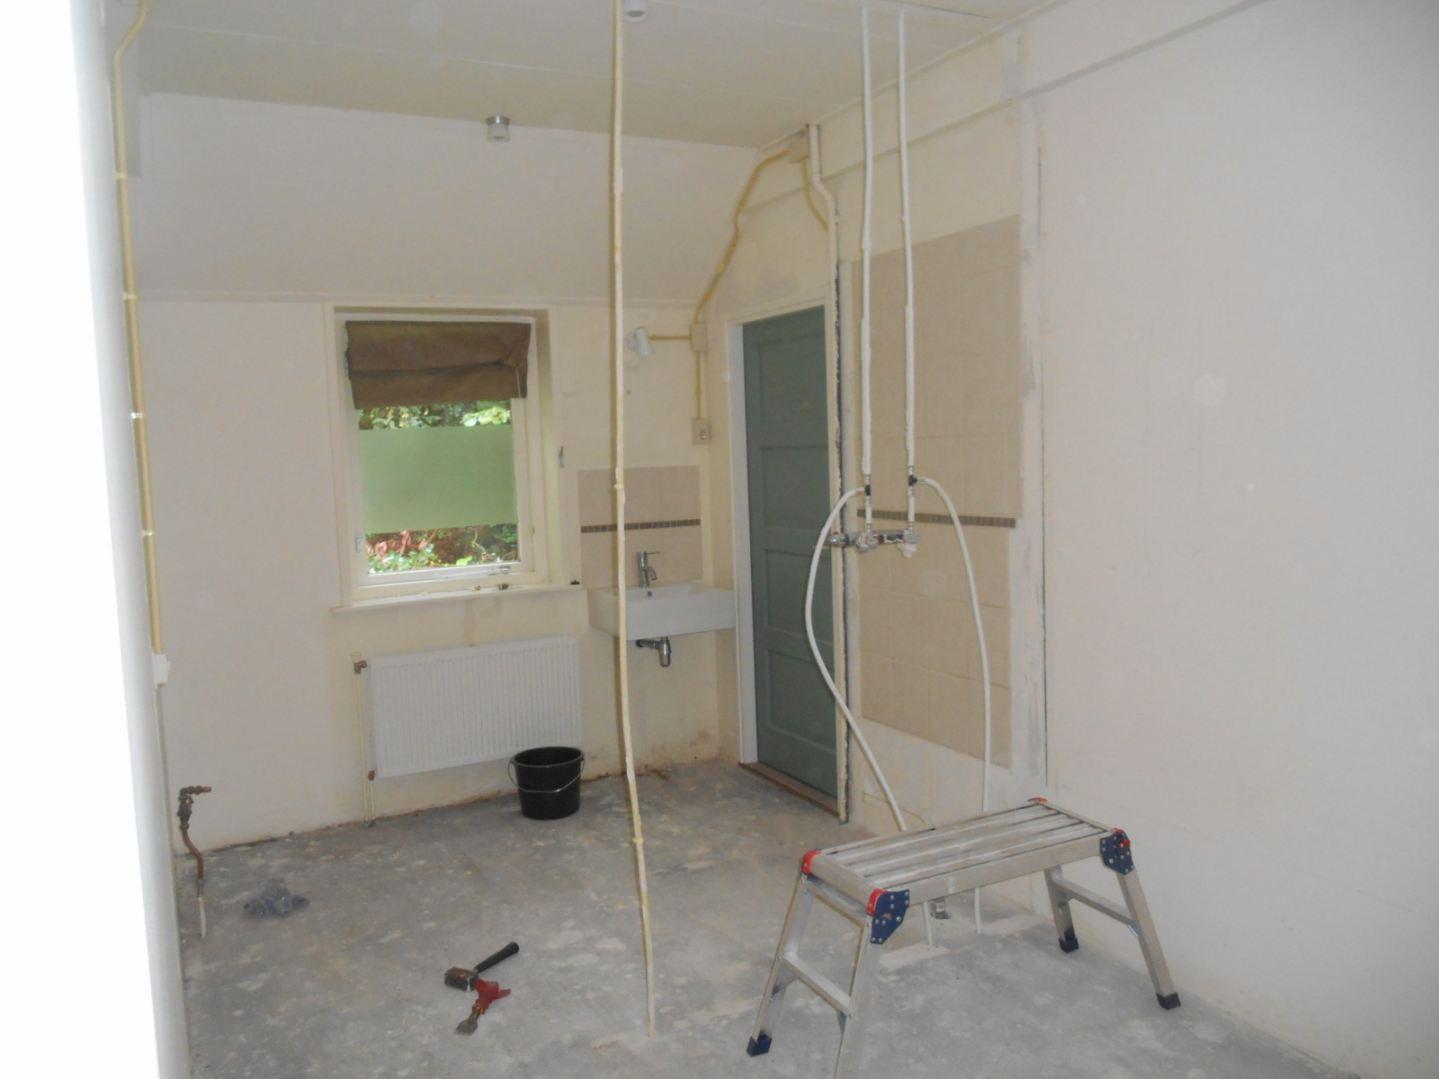 Renovatie Badkamer Assen : Badkamer renovatie lhee de klussenier dirk engel